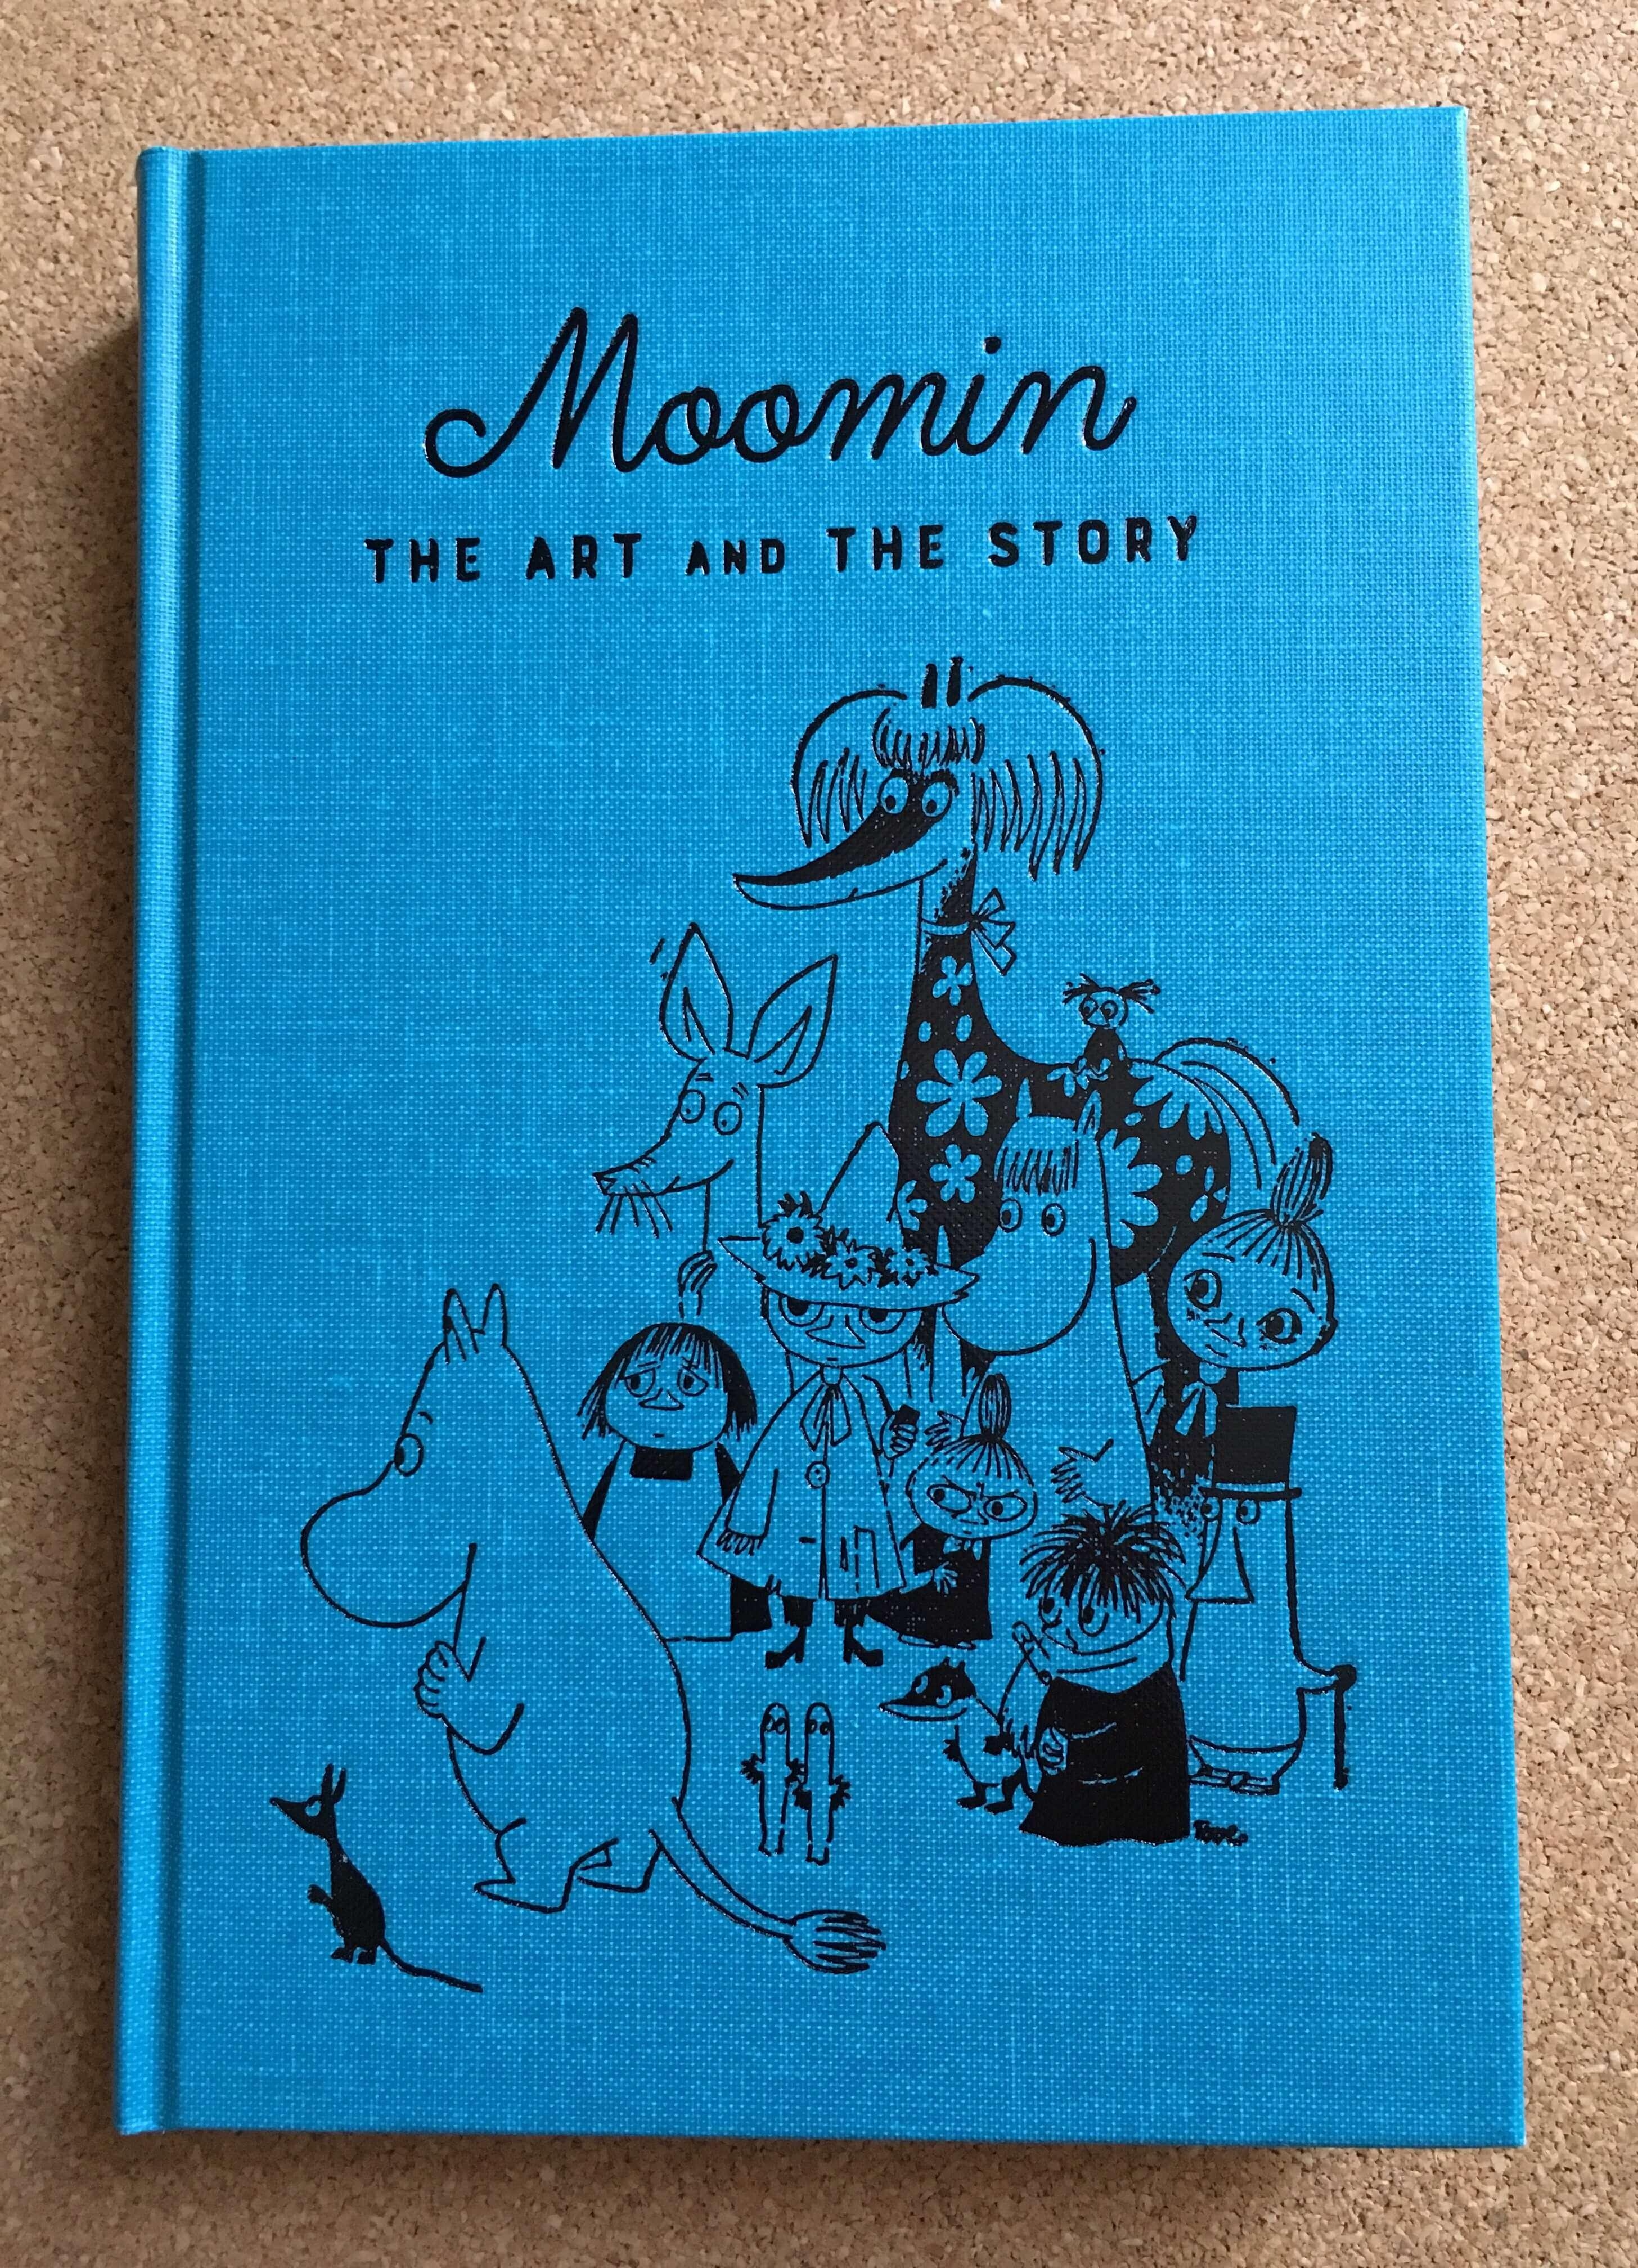 ムーミン展の図録